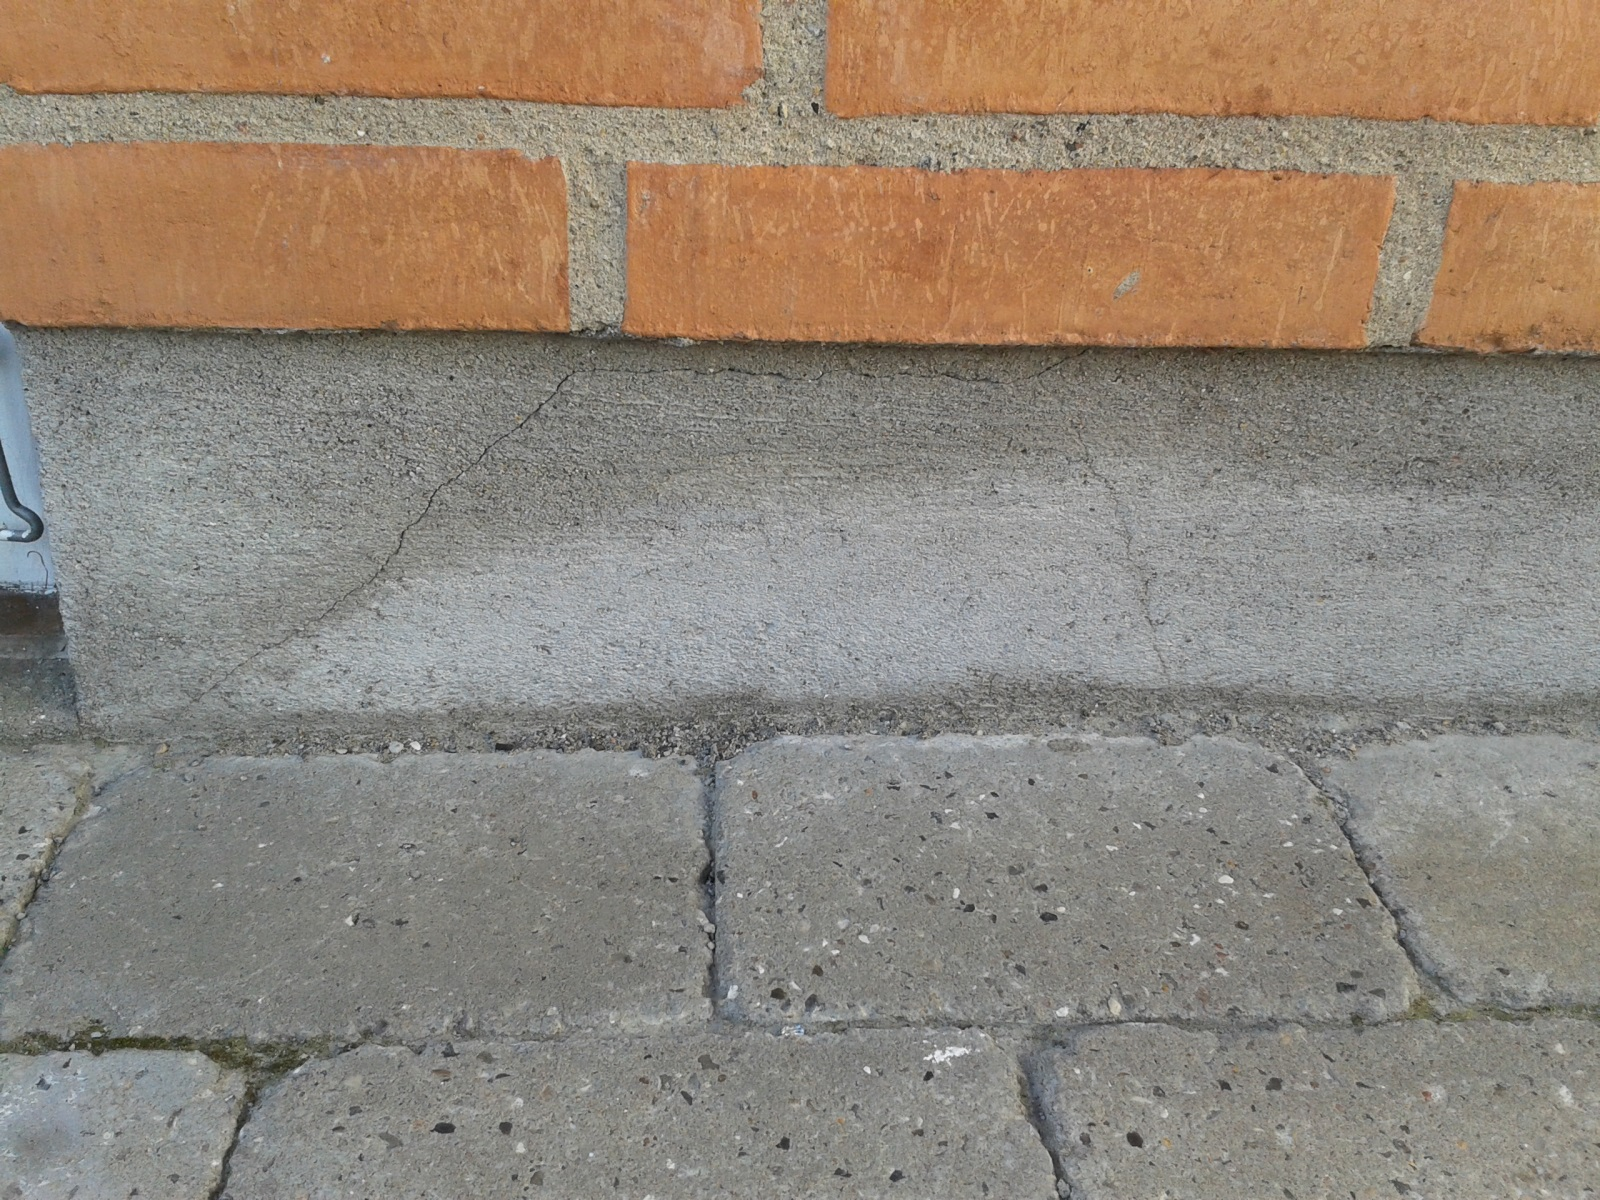 #8D623E Meget bedømt Pudse Sokkel Lav Det Selv.dk Forum Lav Det Selv.dk Bolig Gør Det Selv Pudsning Af Sokkel 5939 160012005939